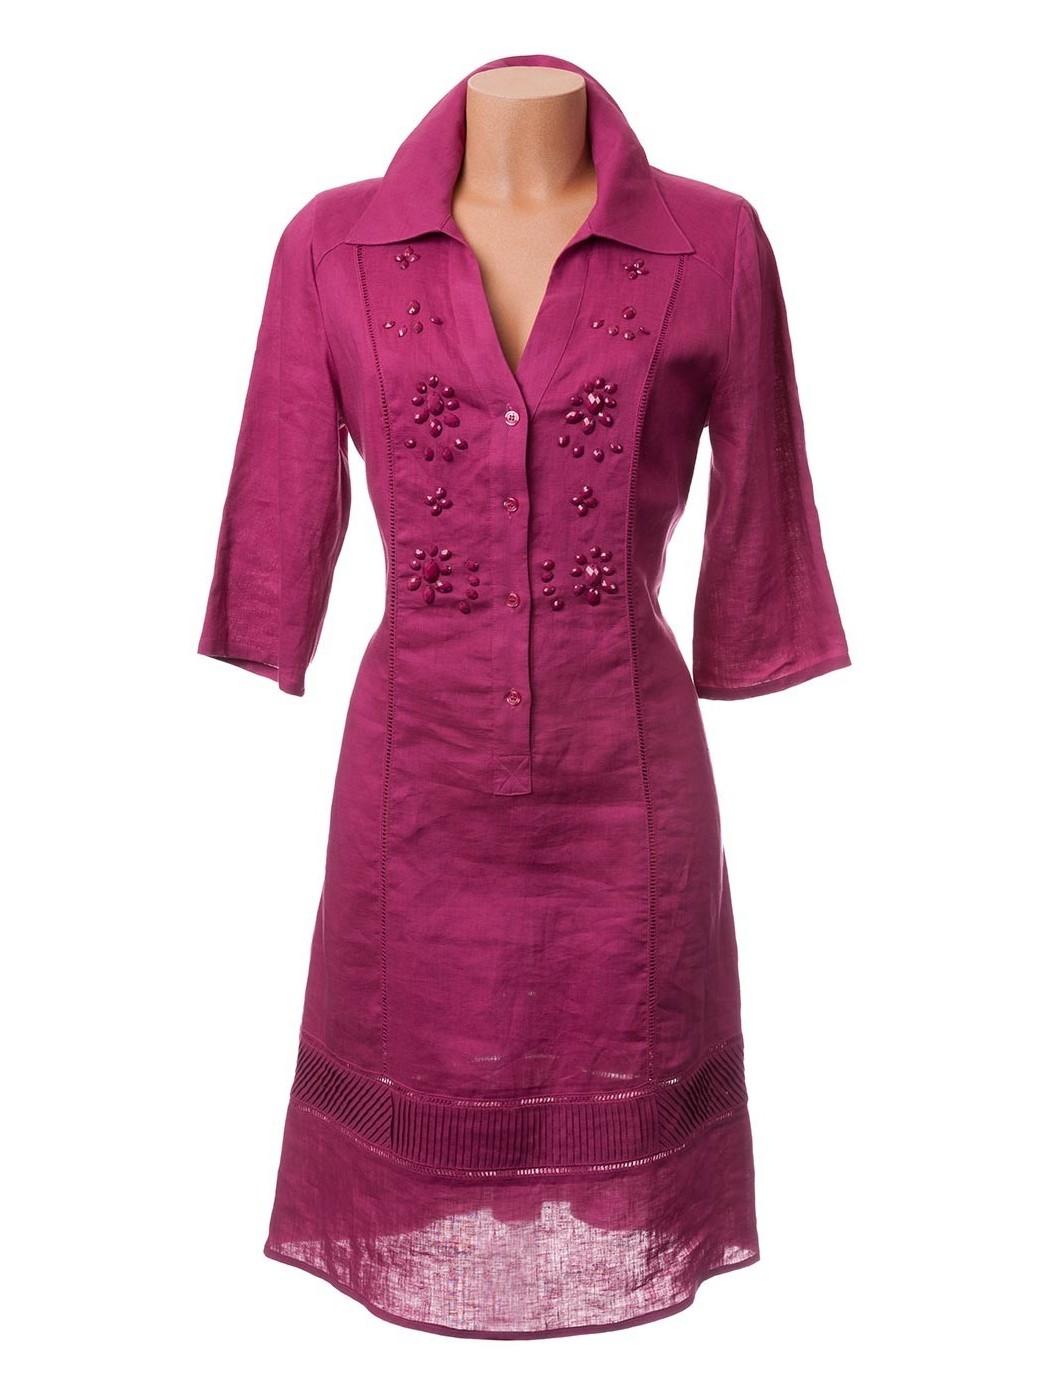 Fuchsia shirtdress